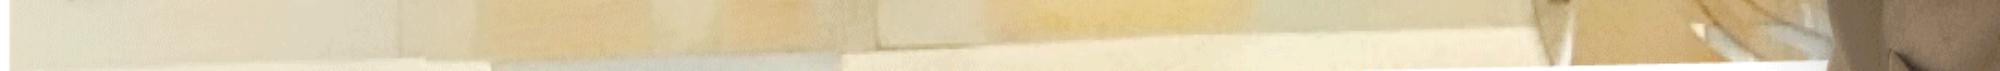 女性専用鍼灸サロン【 おーりとーりの風】 札幌市白石区地下鉄白石駅徒歩5分/マッサージしない本格鍼灸・東洋医学